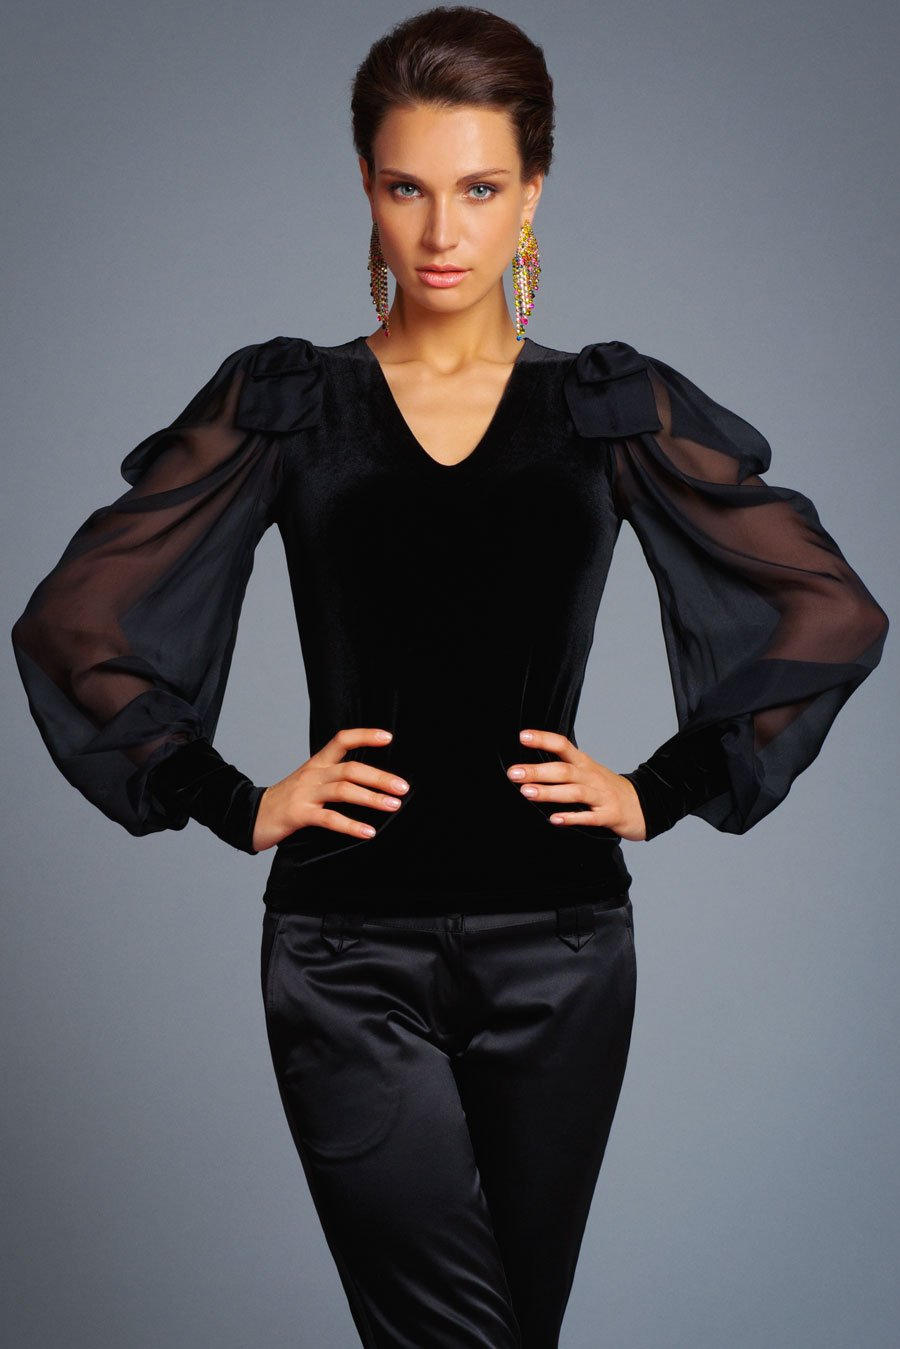 Блузки женские нарядные с доставкой